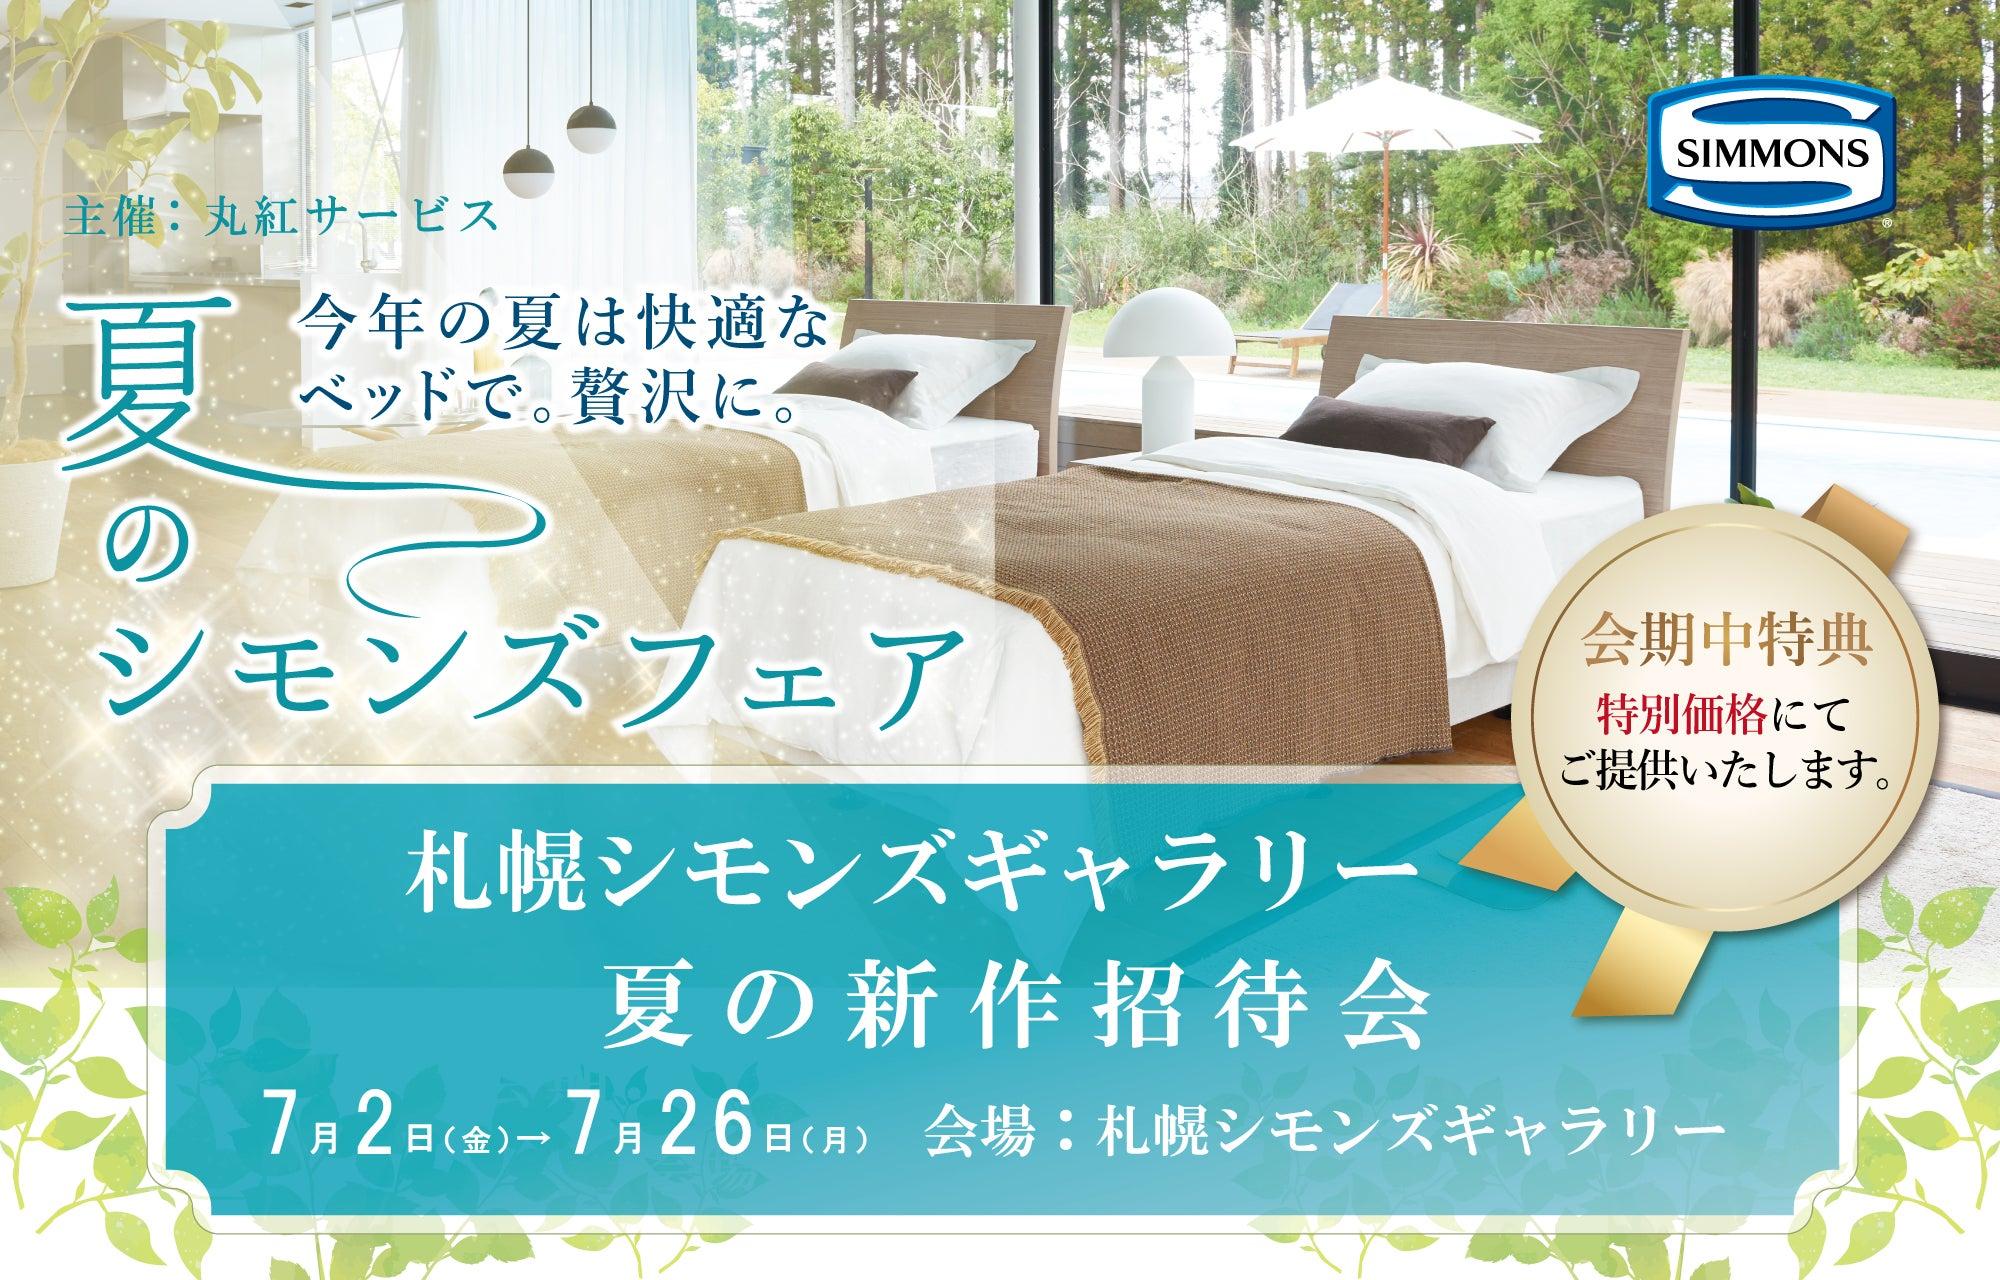 夏のシモンズフェアー 札幌シモンズギャラリー夏の新作招待会